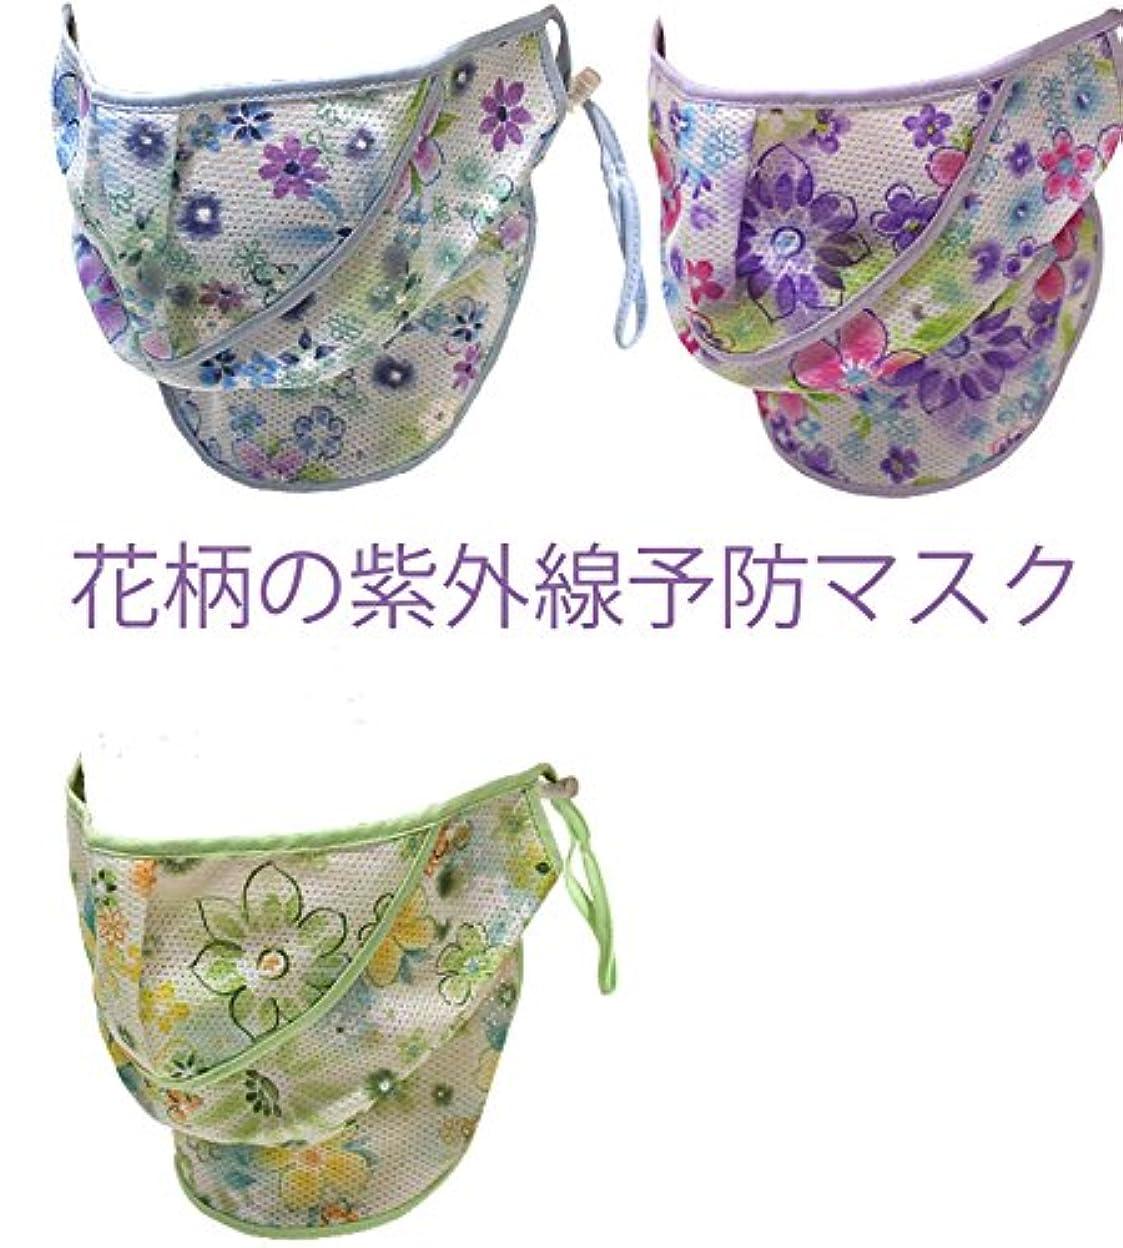 毒液持ってるパイuvフェイスマスク,花柄の紫外線予防マスク、、緑色、、信頼できる韓国産